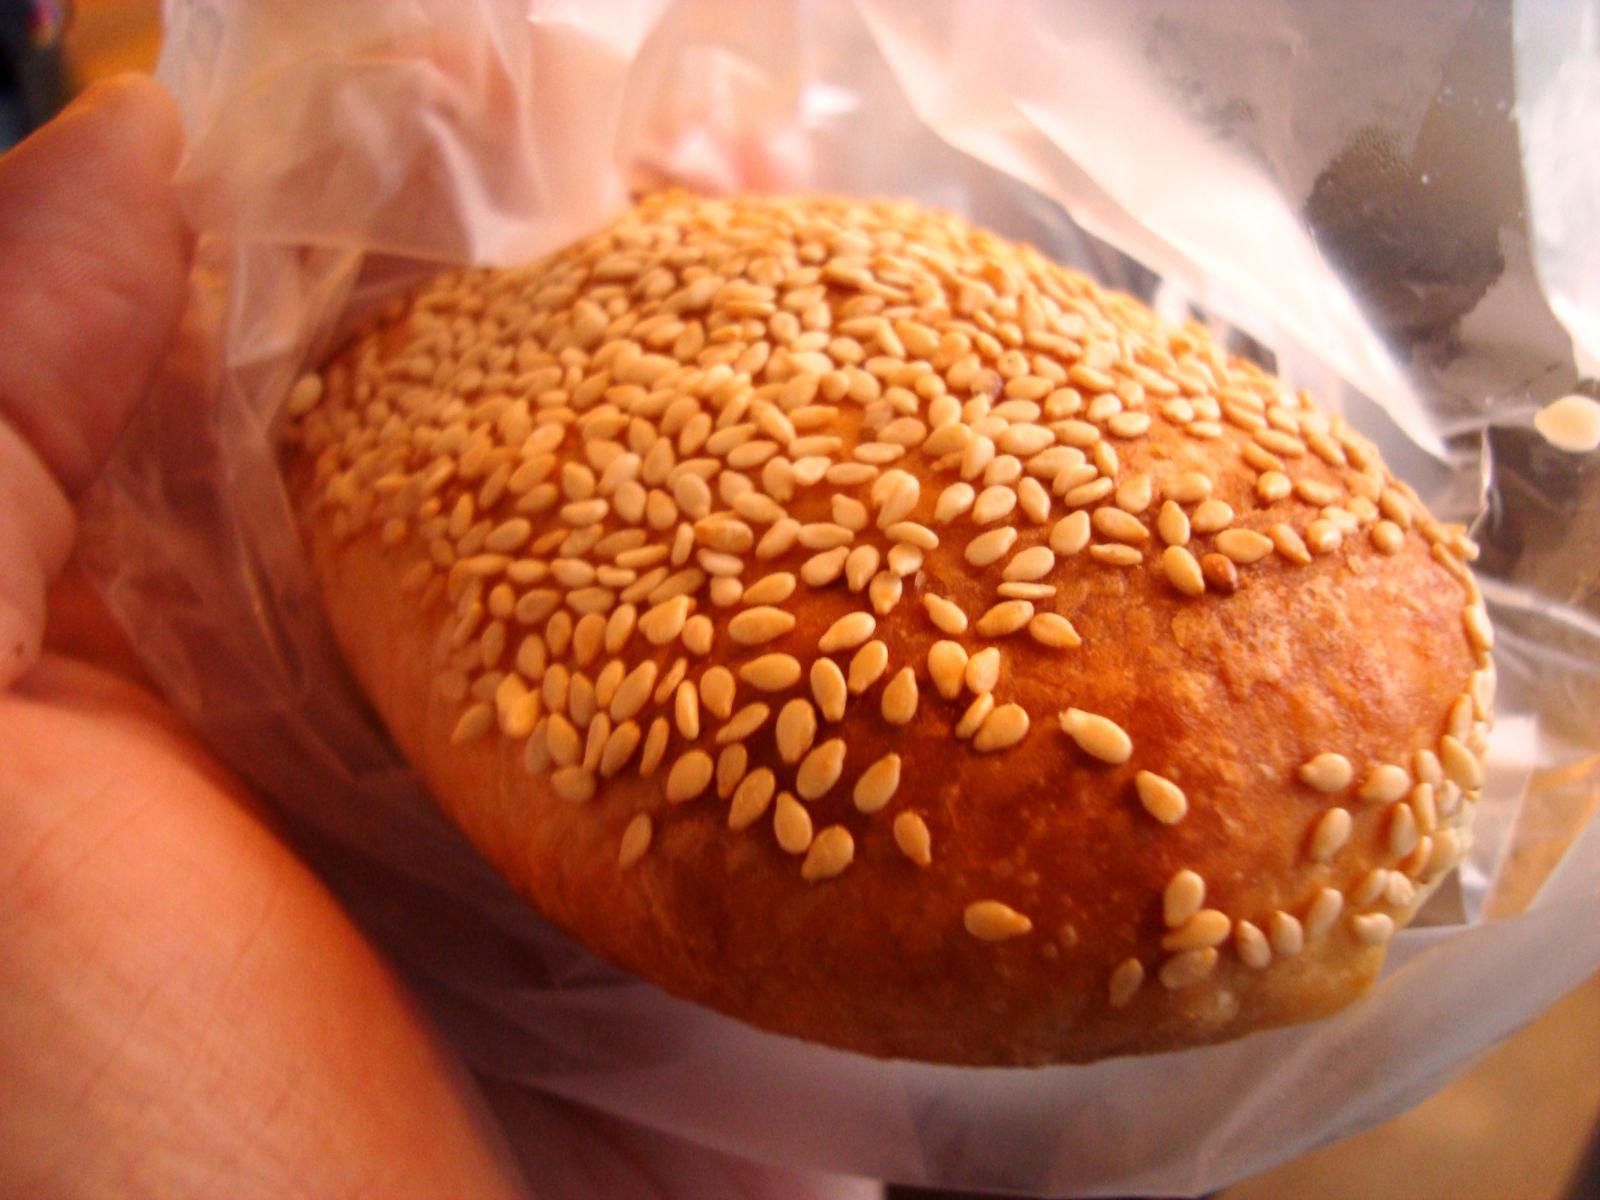 圓圓胖胖的焦糖甜餅